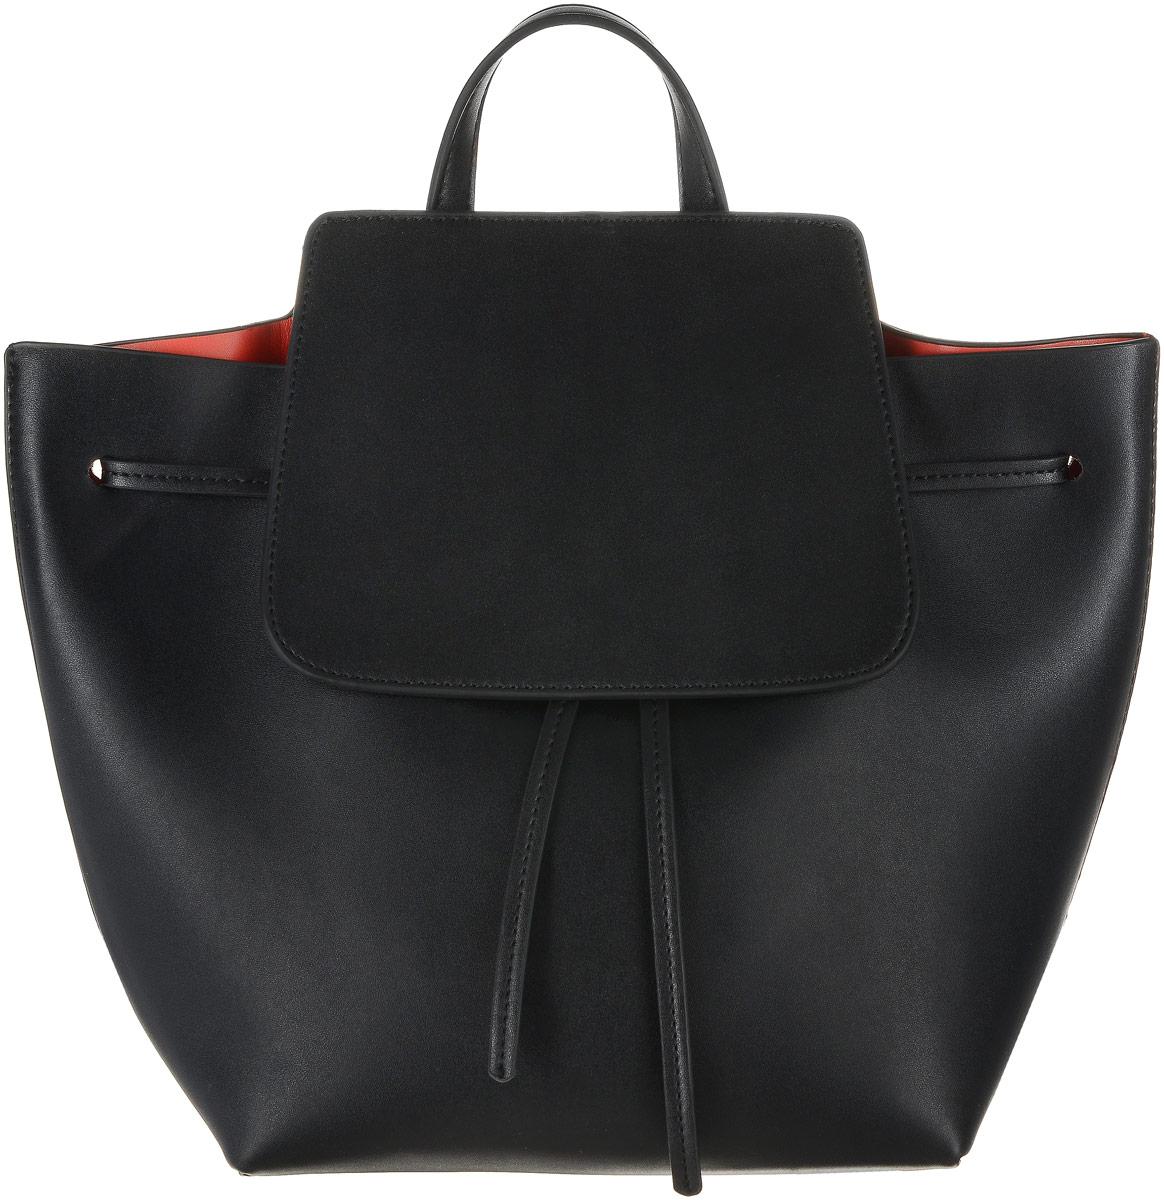 Рюкзак женский Vitacci, цвет: черный. HG0011BP-001 BKСтильный женский рюкзак Vitacci выполнен из искусственной кожи. Рюкзак имеет одно основное отделение, которое закрывается на затягивающийся шнурок и клапан смагнитной кнопкой. Внутри карман на застежке-молнии. Рюкзак оснащен двумя регулируемыми по длине лямками и петлей для подвешивания.